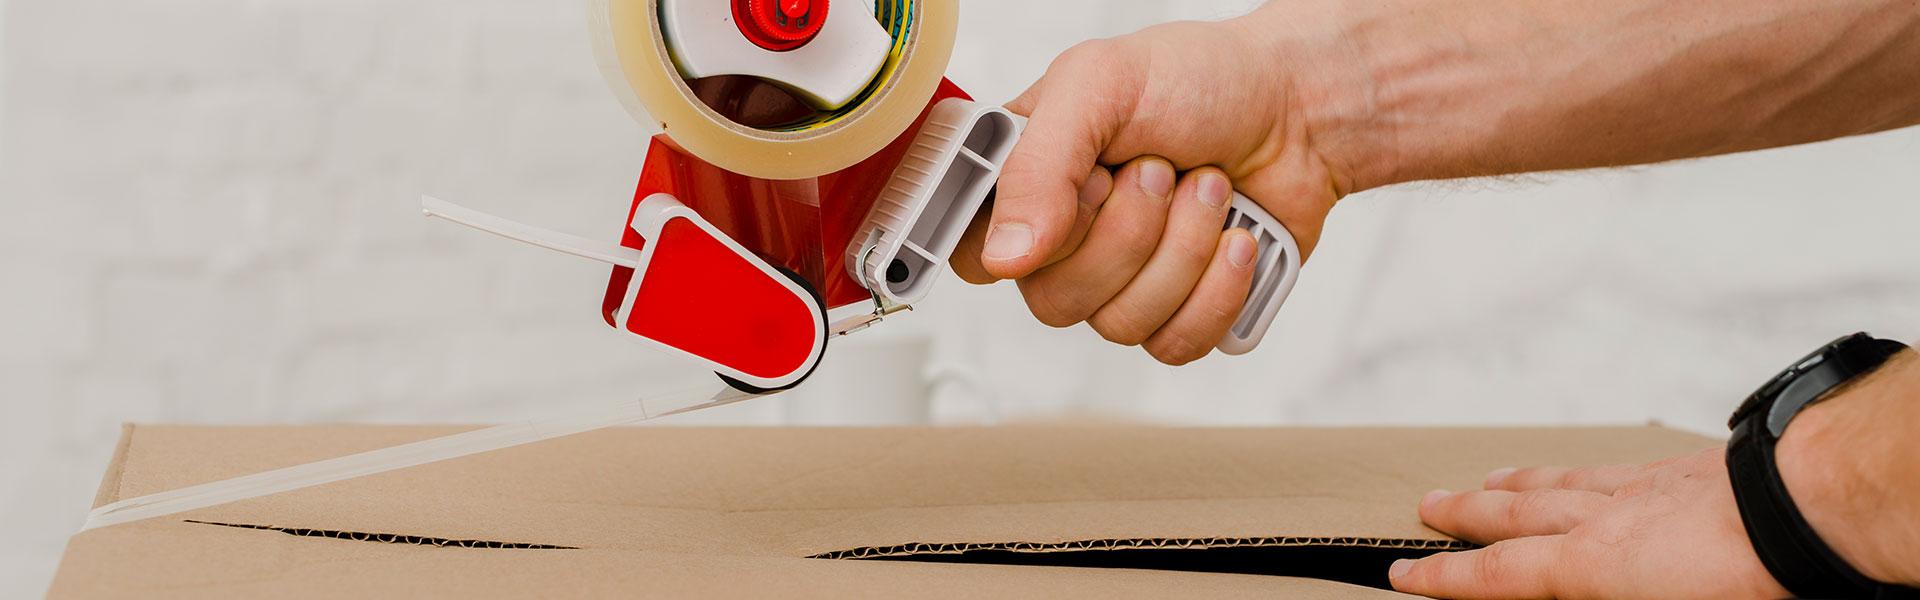 ll-demenagements-carton